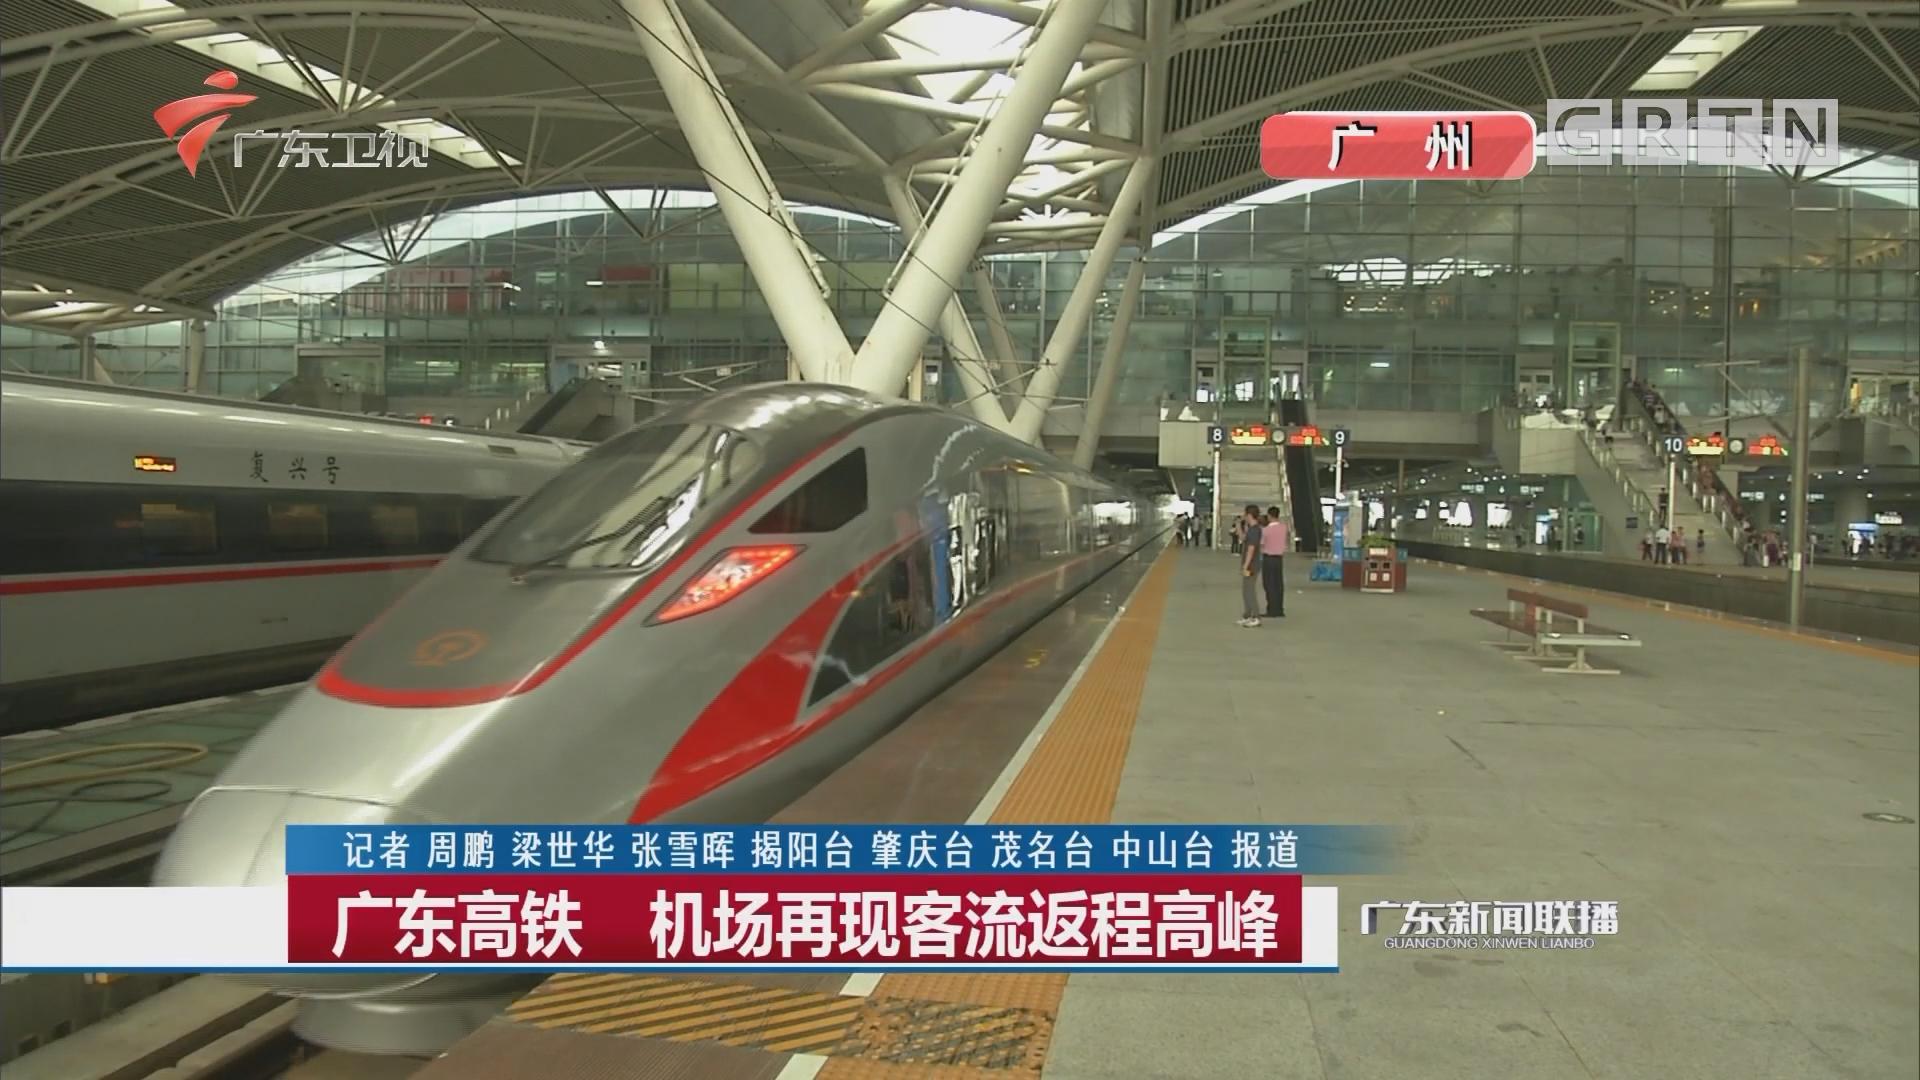 广东高铁 机场再现客流返程高峰